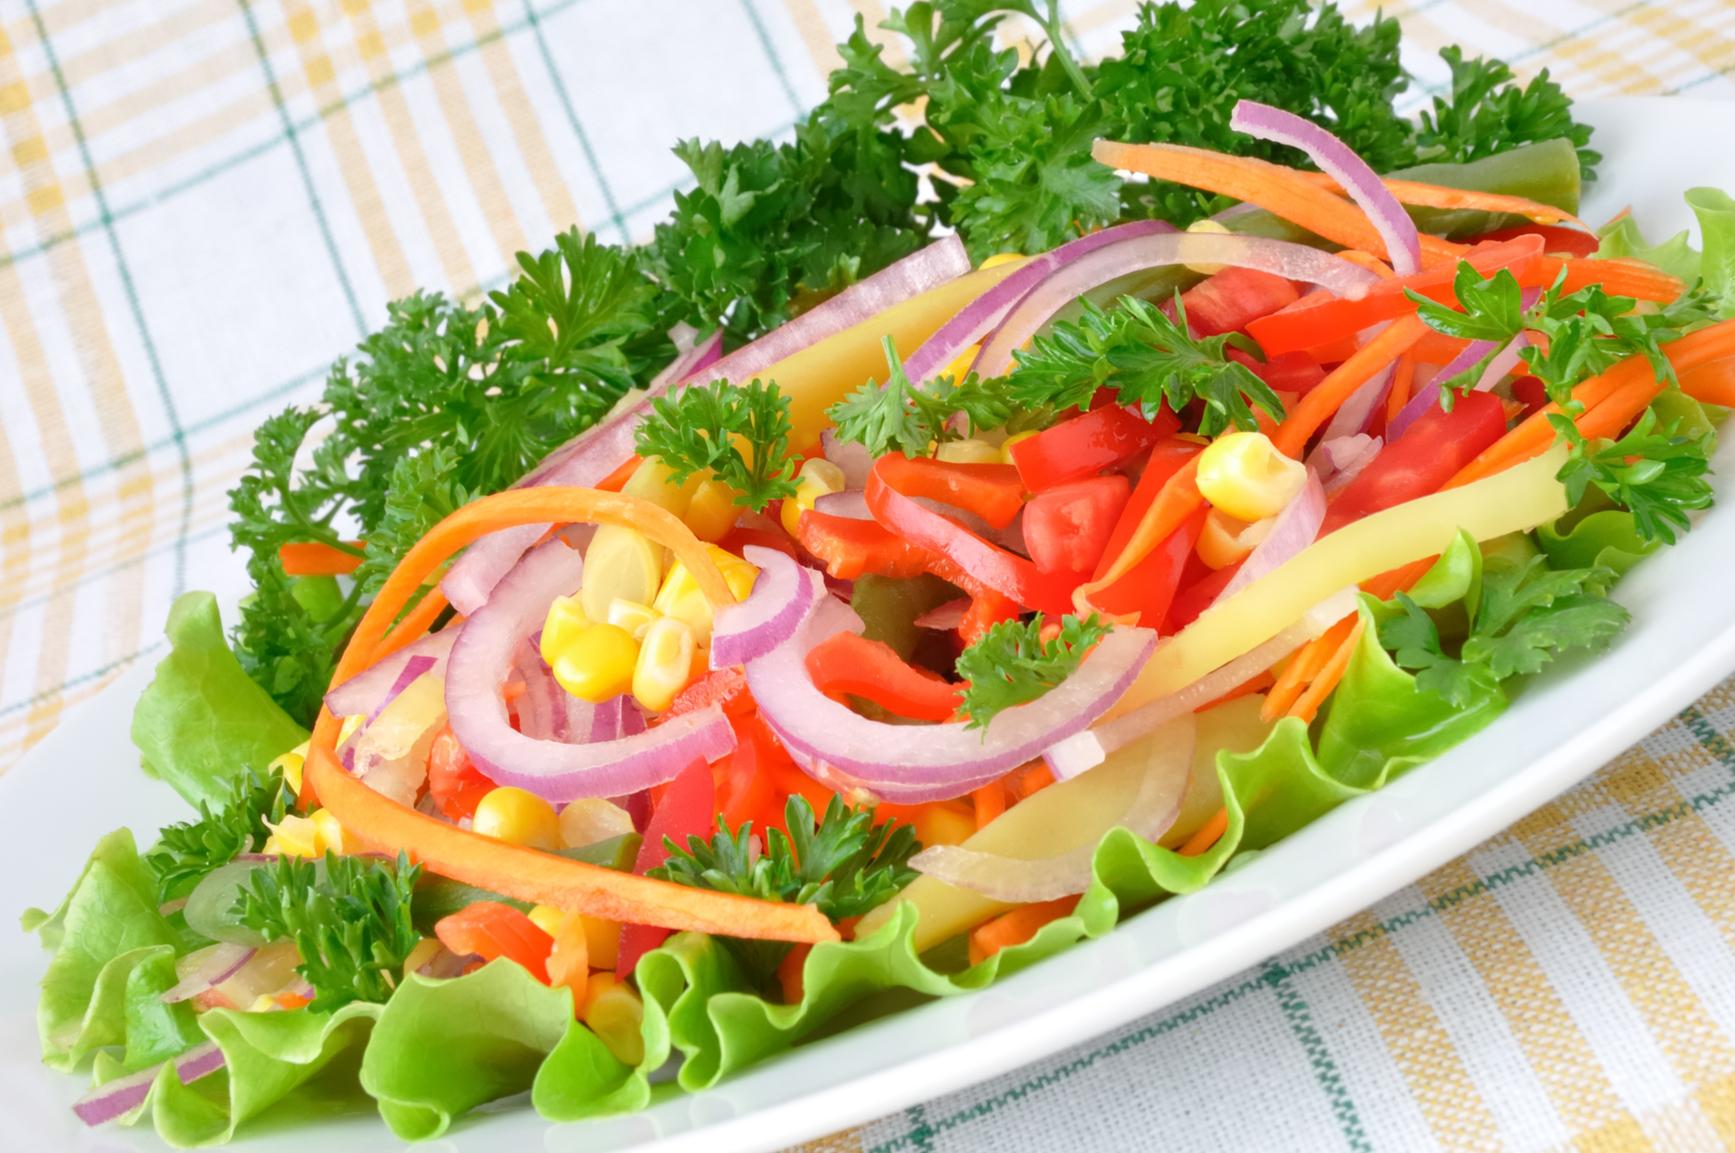 Receta Ensalada De Lechuga Tomate Zanahorias Y Choclo Demos La Vuelta Al Día